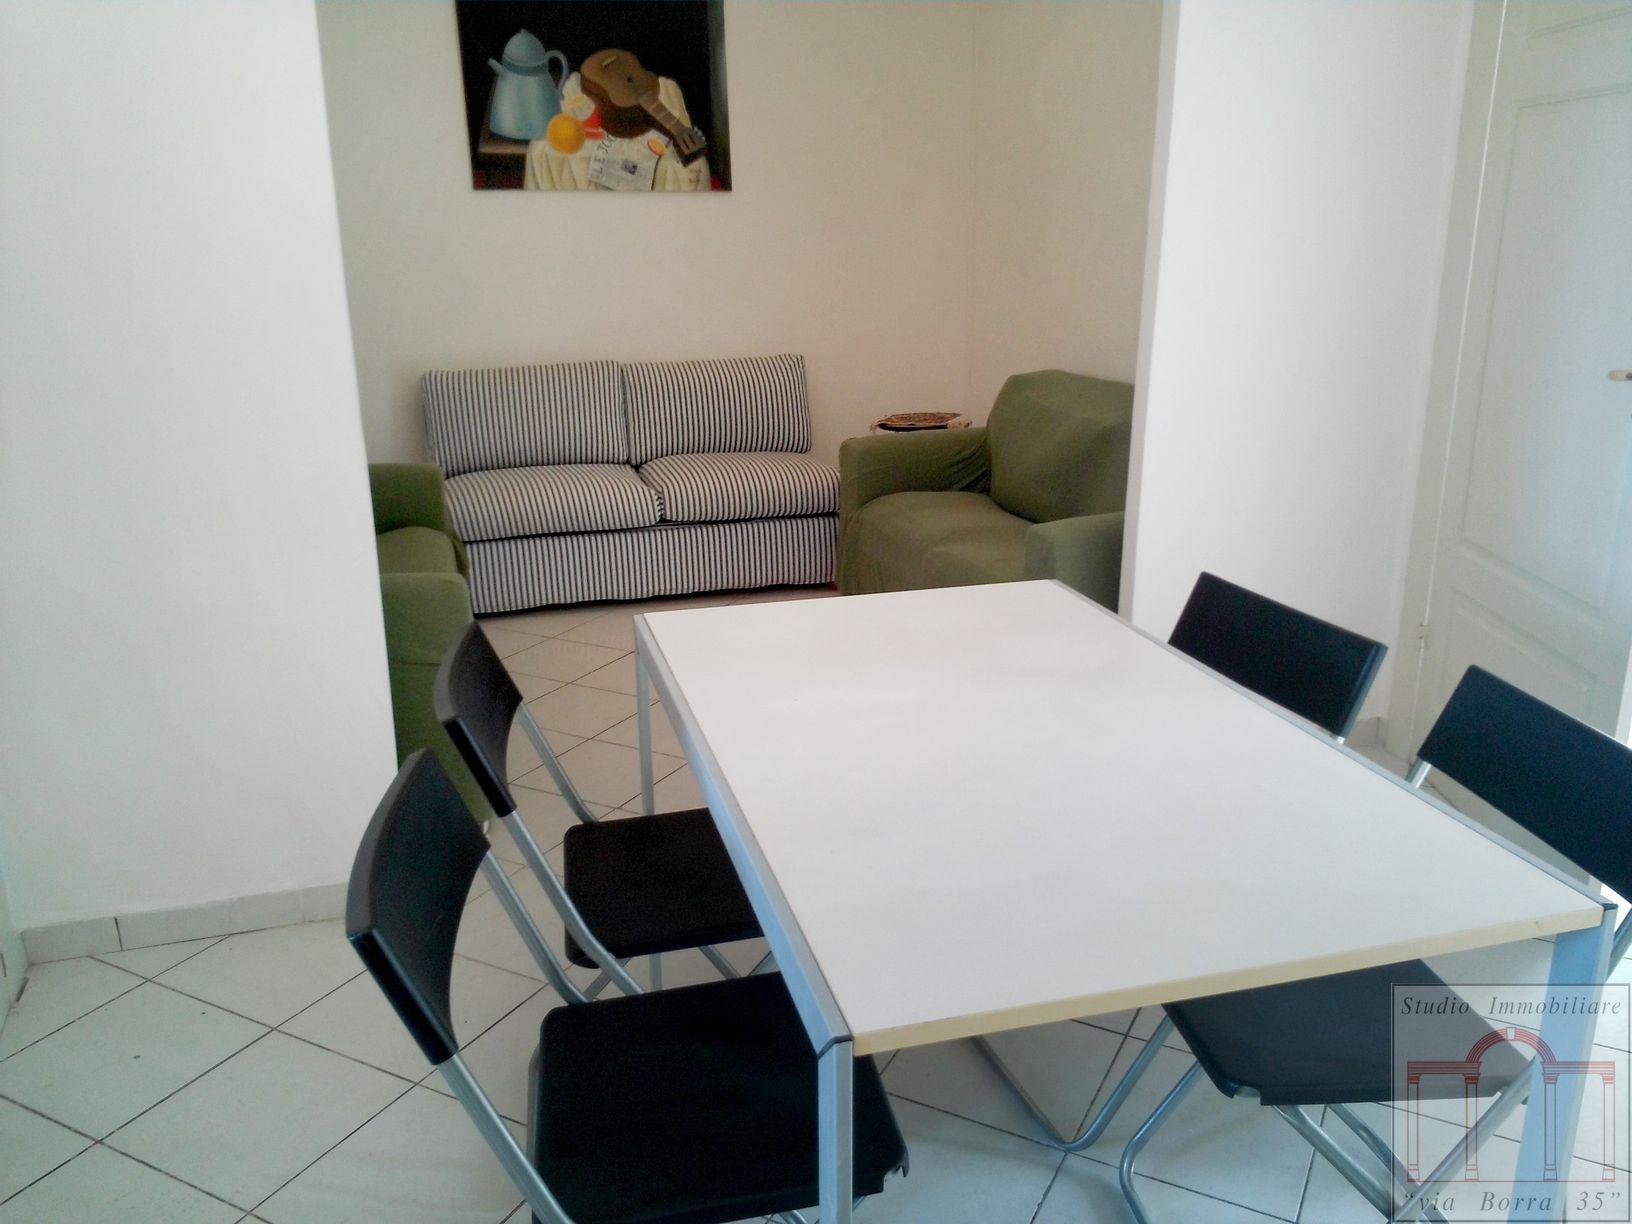 Appartamento in vendita a Livorno, 4 locali, zona Località: Centroresidenziale, prezzo € 135.000   Cambio Casa.it